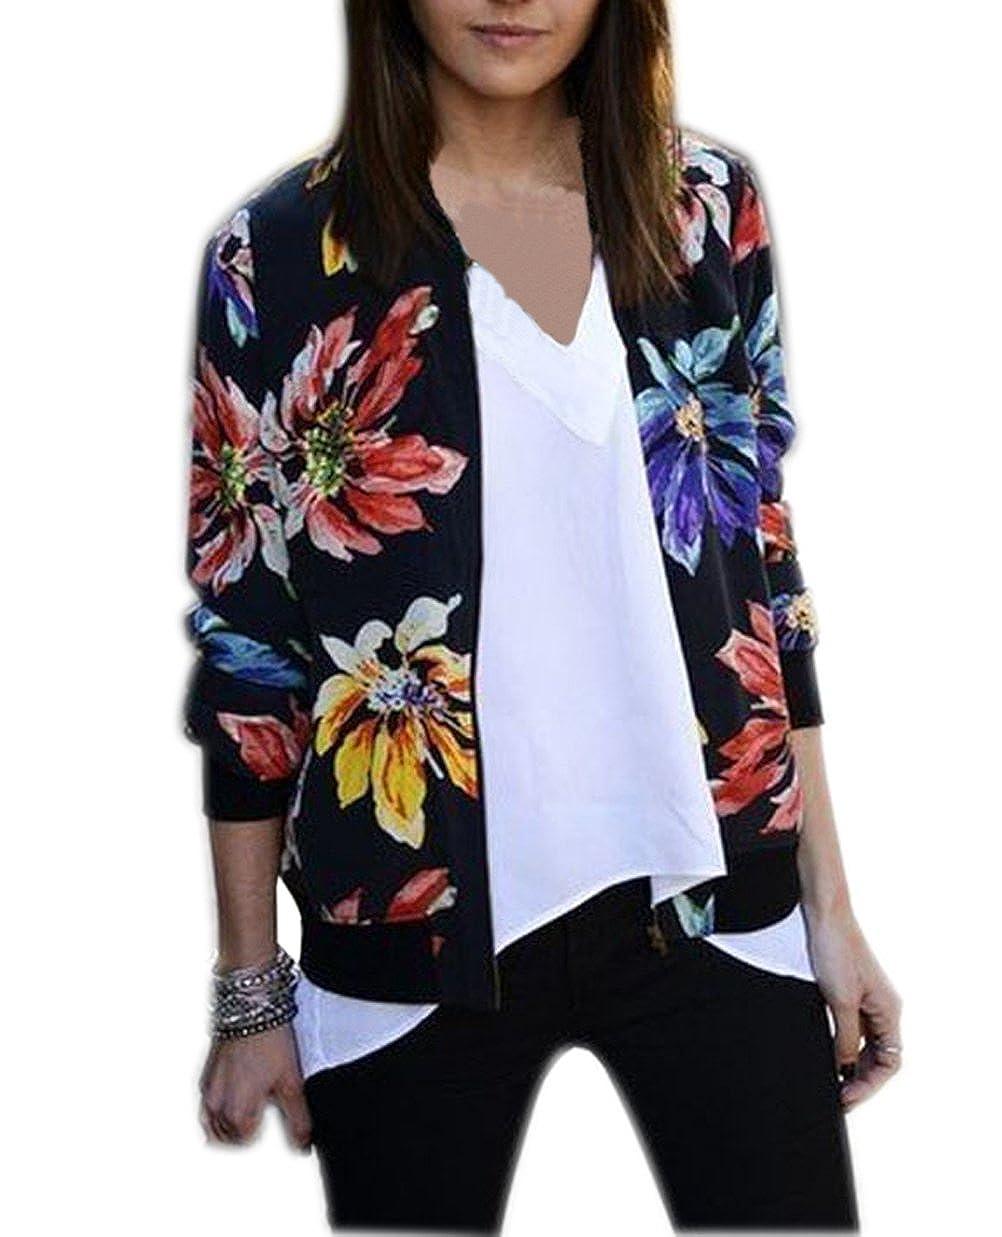 肌触りがいい Justモデルレディースプリント国立風長袖ジャケット Medium カラフル B01M0Q3DDD, くろさわ刺繍 d59b9c3f